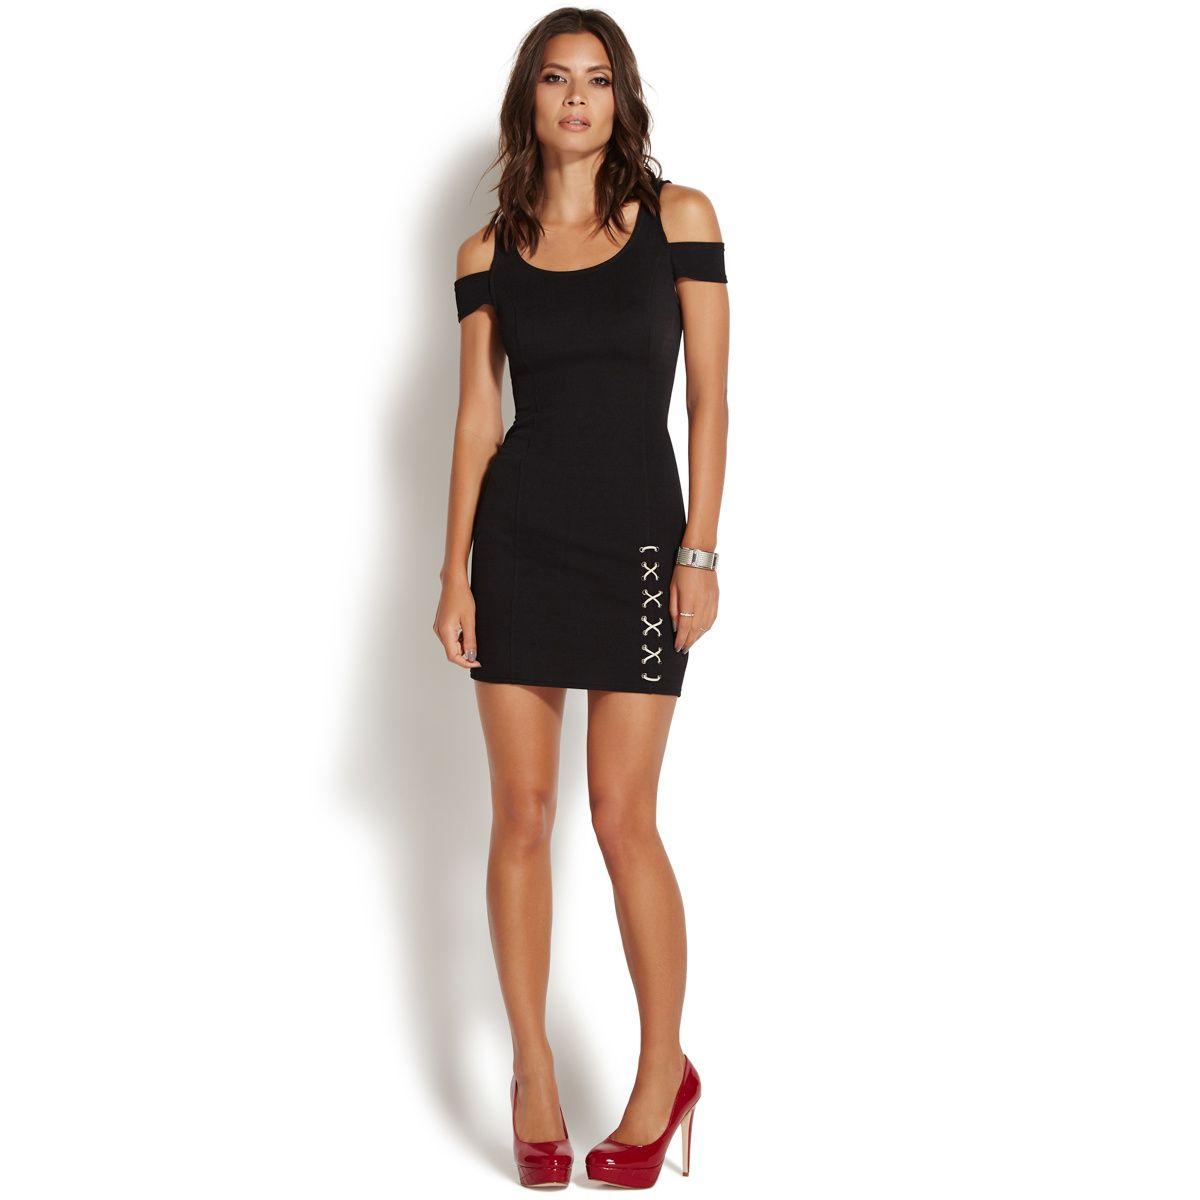 ee294d9959a86 COLD SHOULDER LACE UP DRESS - ShoeDazzle | Pretty dresses | Dresses ...